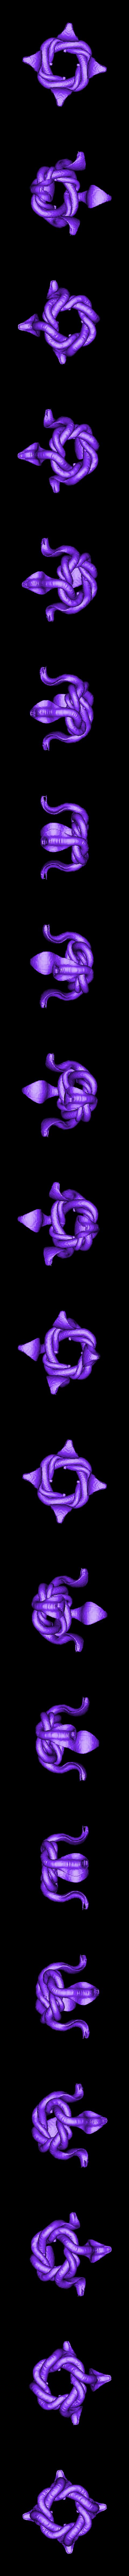 4COBRA.stl Télécharger fichier STL gratuit Quatre nœuds cobra • Plan à imprimer en 3D, Boris3dStudio